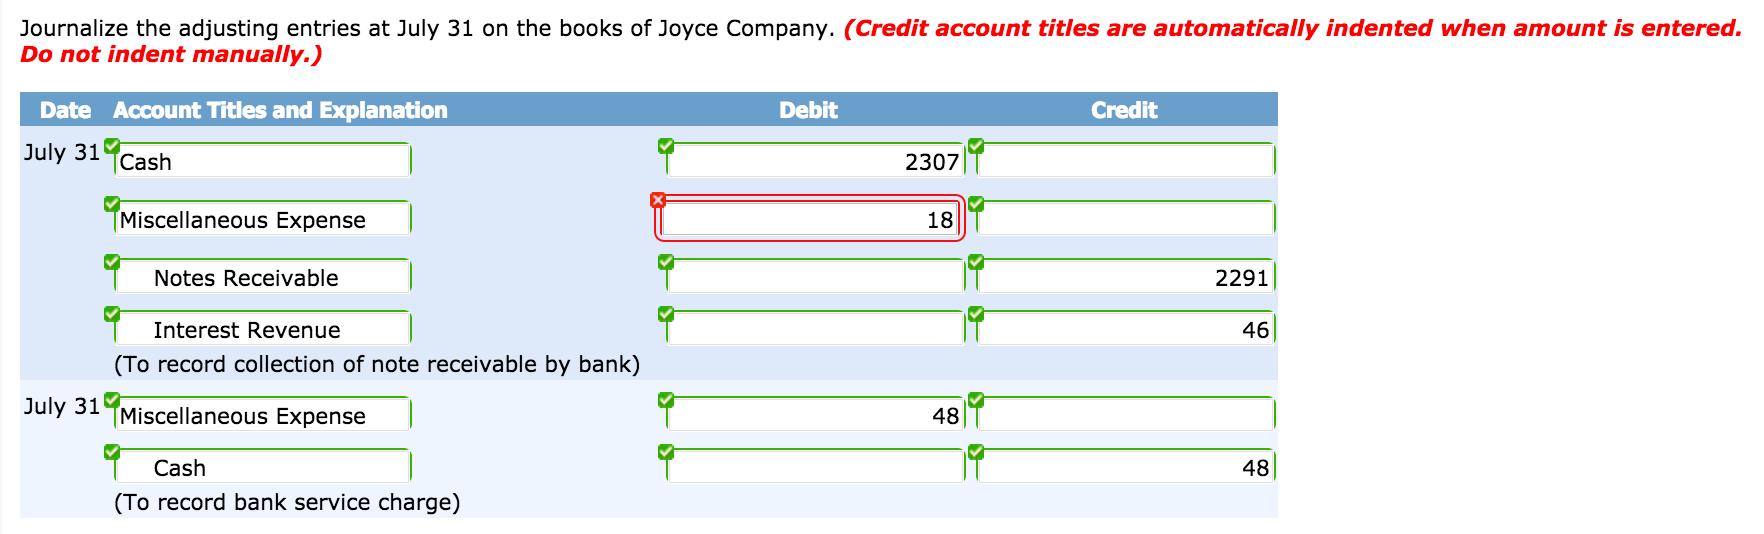 Accounting ii homework help